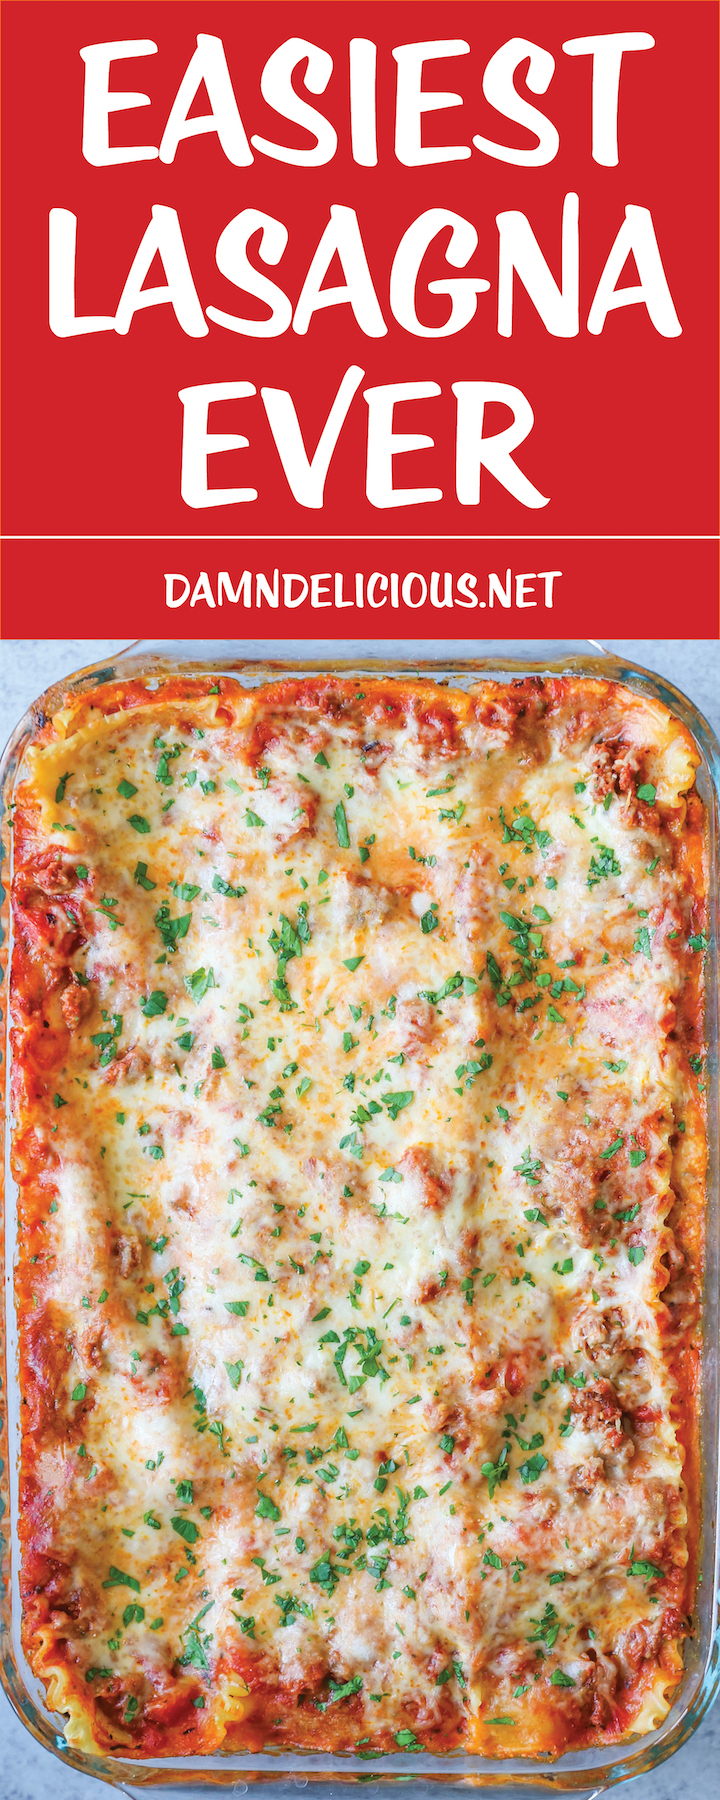 Easiest Lasagna Ever